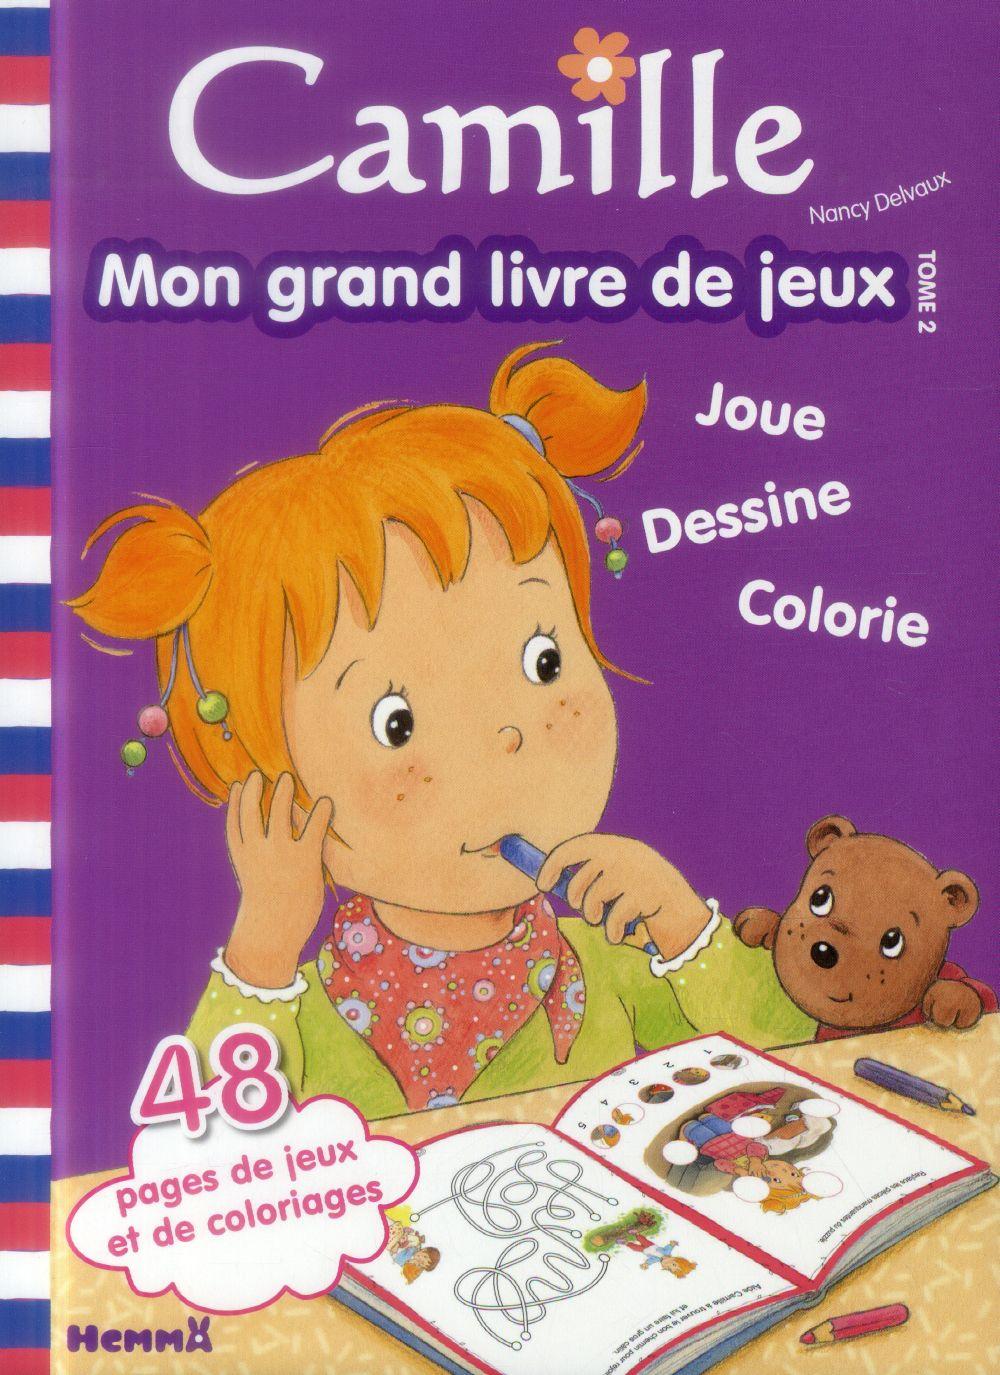 CAMILLE MON GRAND LIVRE DE JEUX TOME 2 (FOND MAUVE)